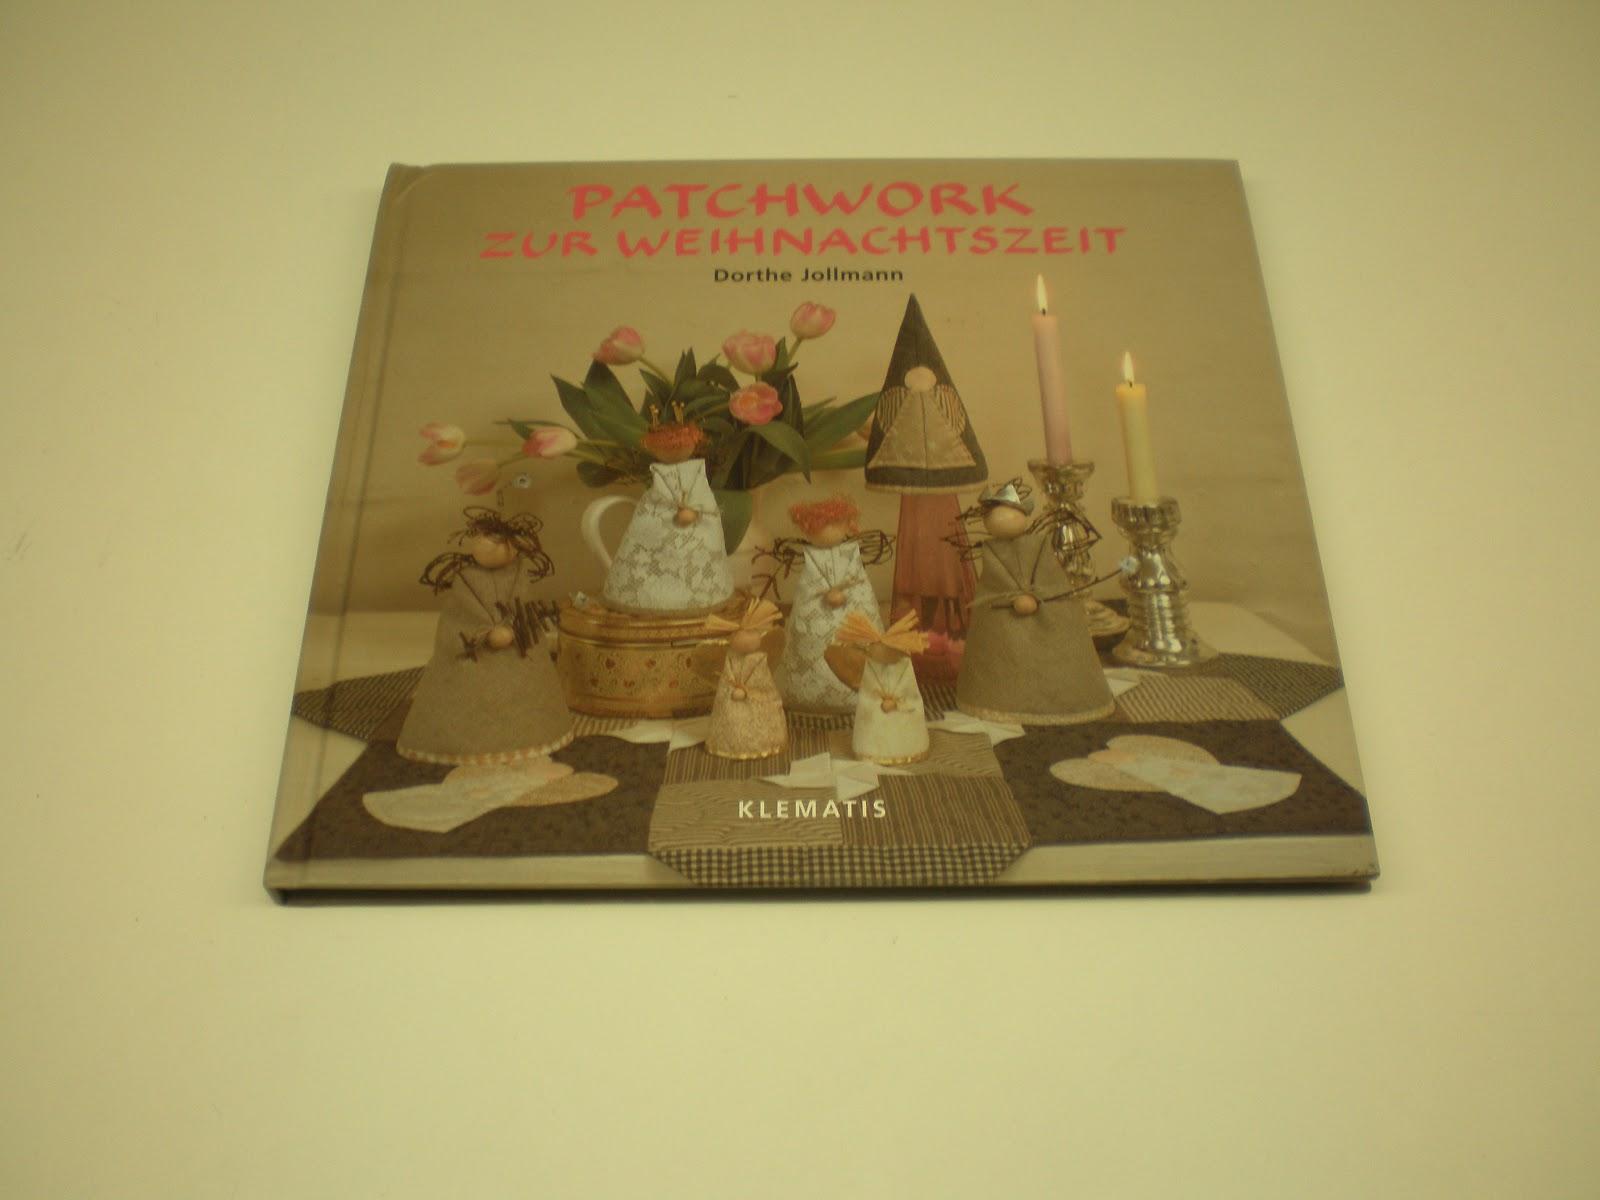 Merceria julant libros noruegos for Adornos decorativos